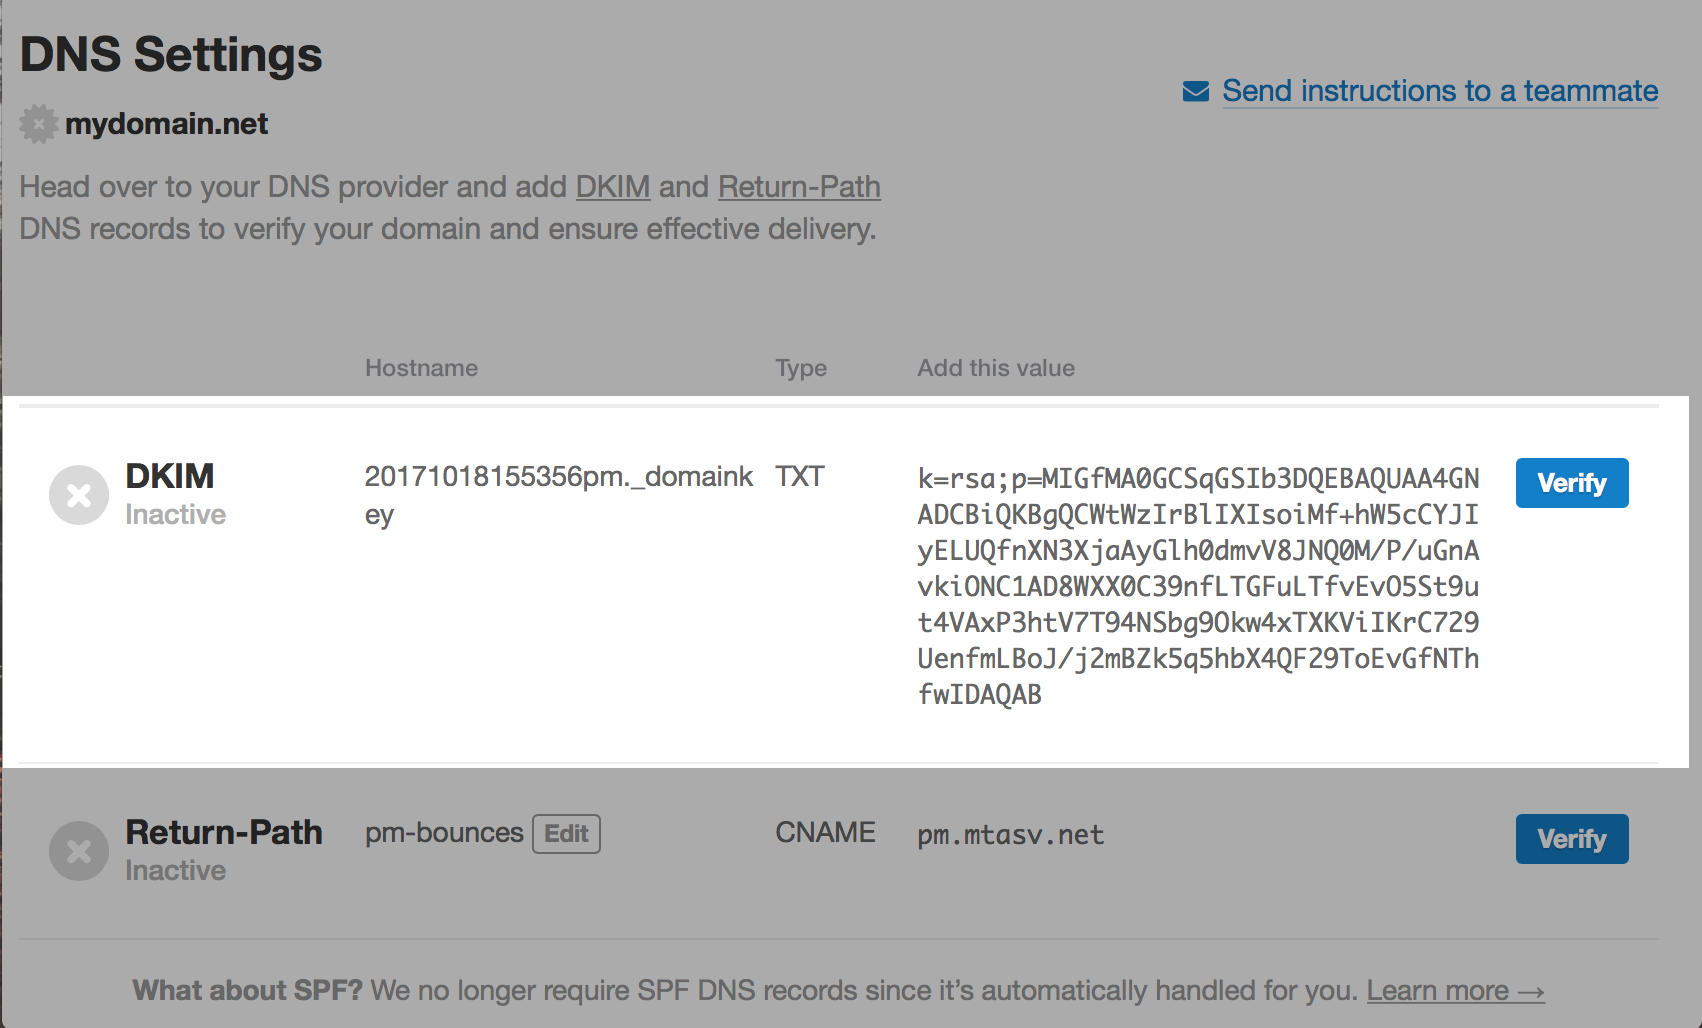 DKIM DNS record